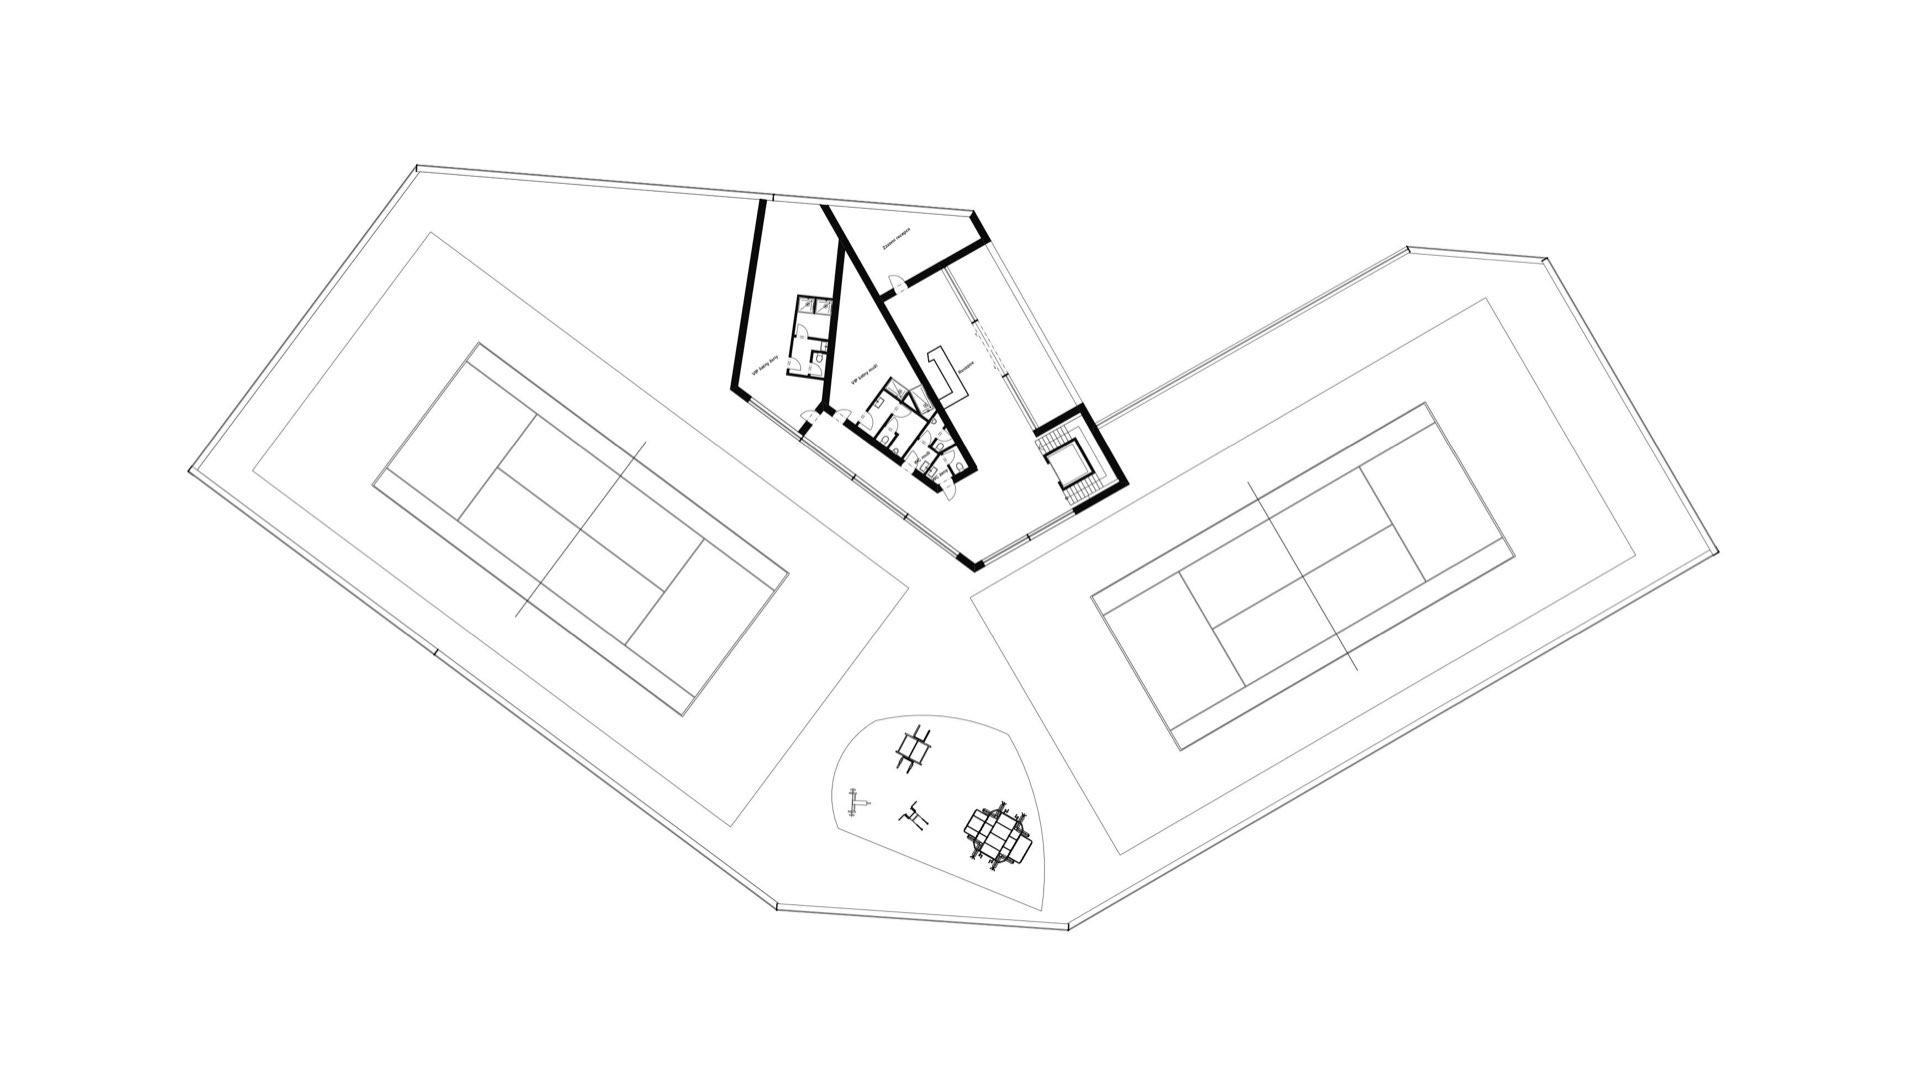 Rezidence Jenerálka KKCG - půdorys sportovního komplexu - 1.NP. Autor: Kurz architekti